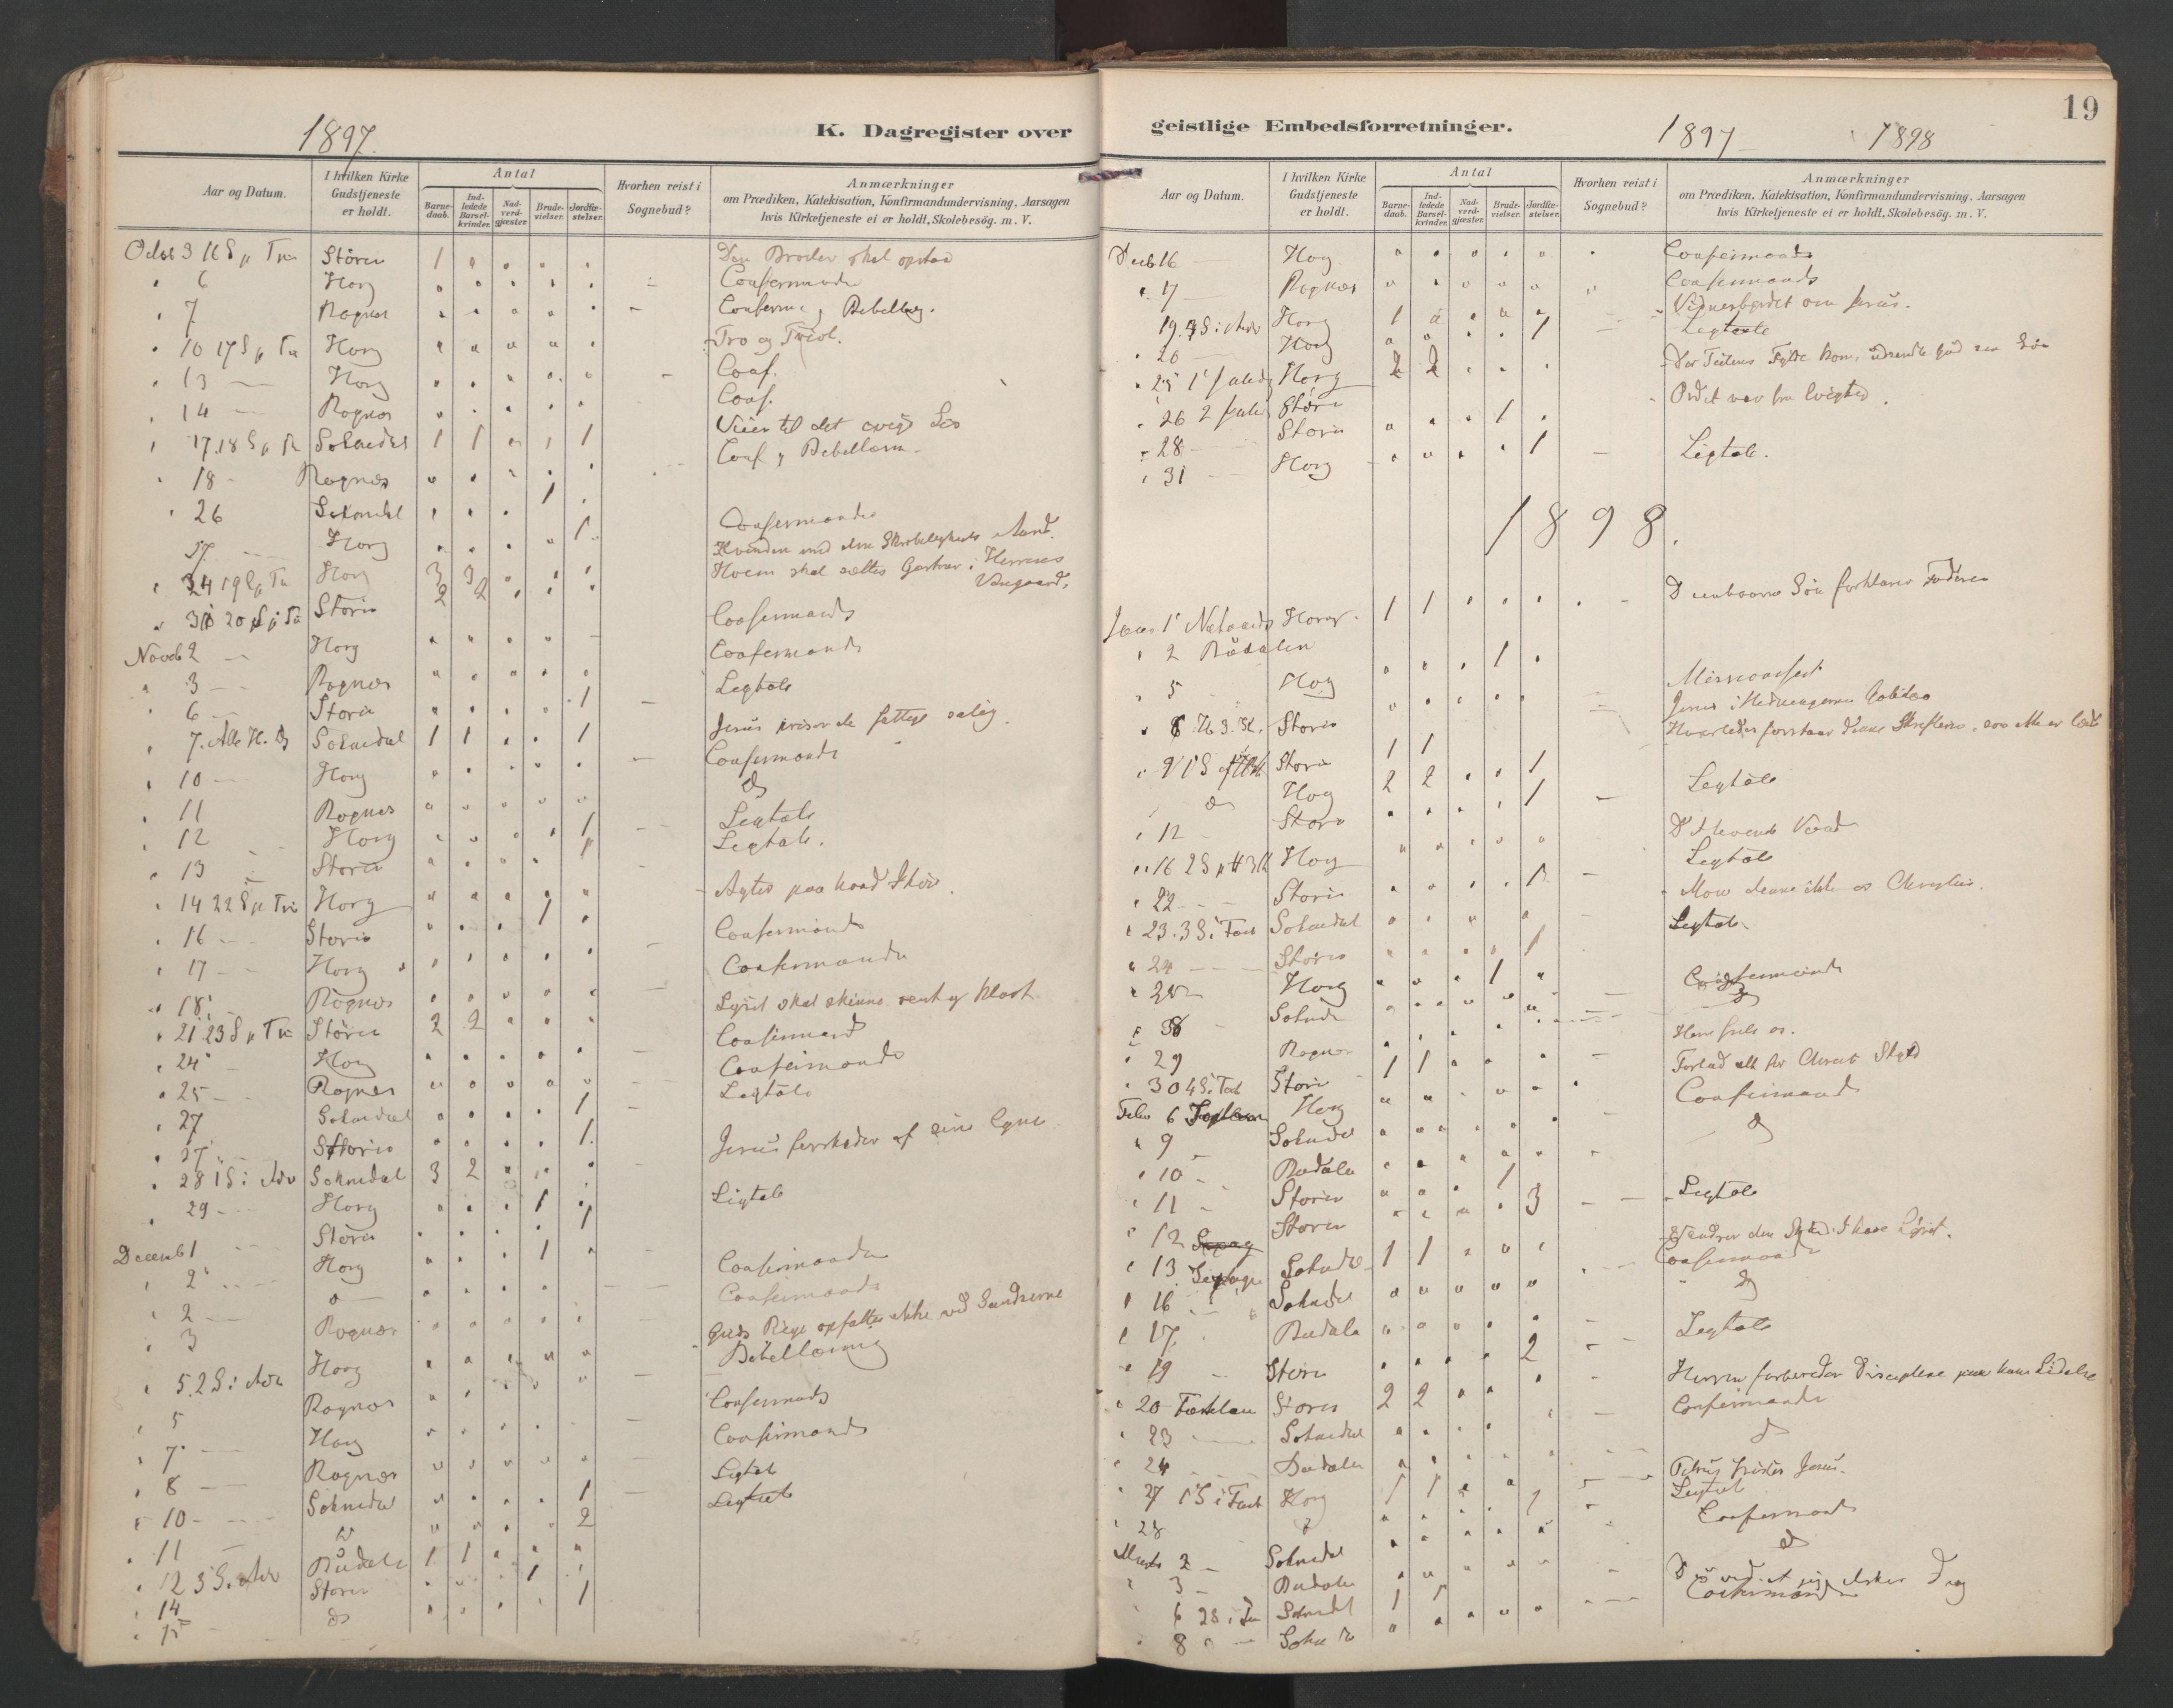 SAT, Ministerialprotokoller, klokkerbøker og fødselsregistre - Sør-Trøndelag, 687/L1005: Diary records no. 687A11, 1891-1912, p. 19